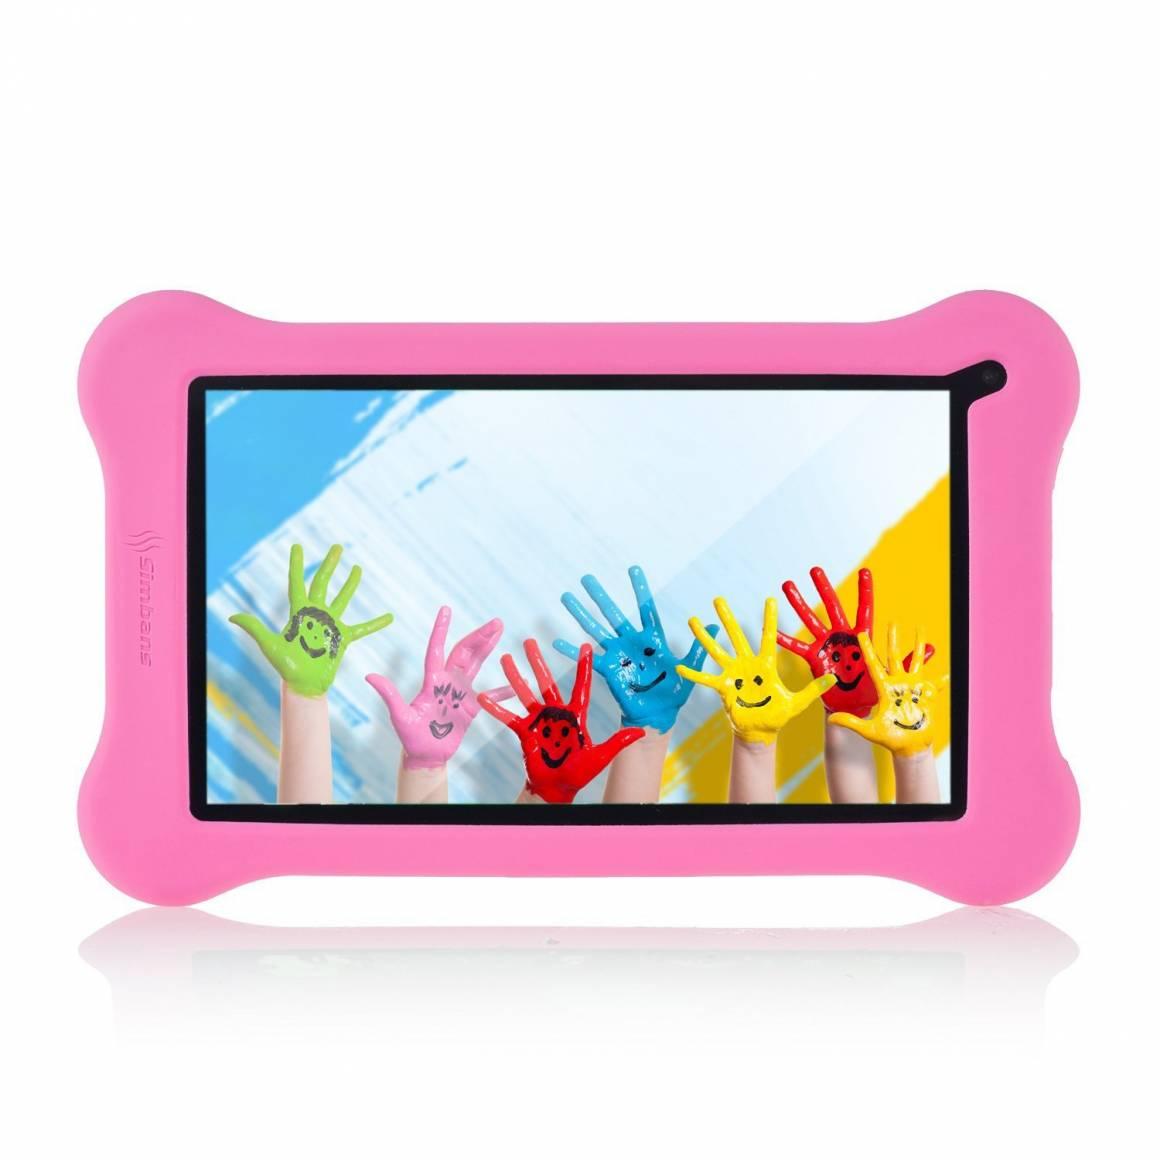 miglior tablet bambini 1160x1160 - Il regalo istruttivo per Natale è uno dei migliori tablet ragazzi giovani